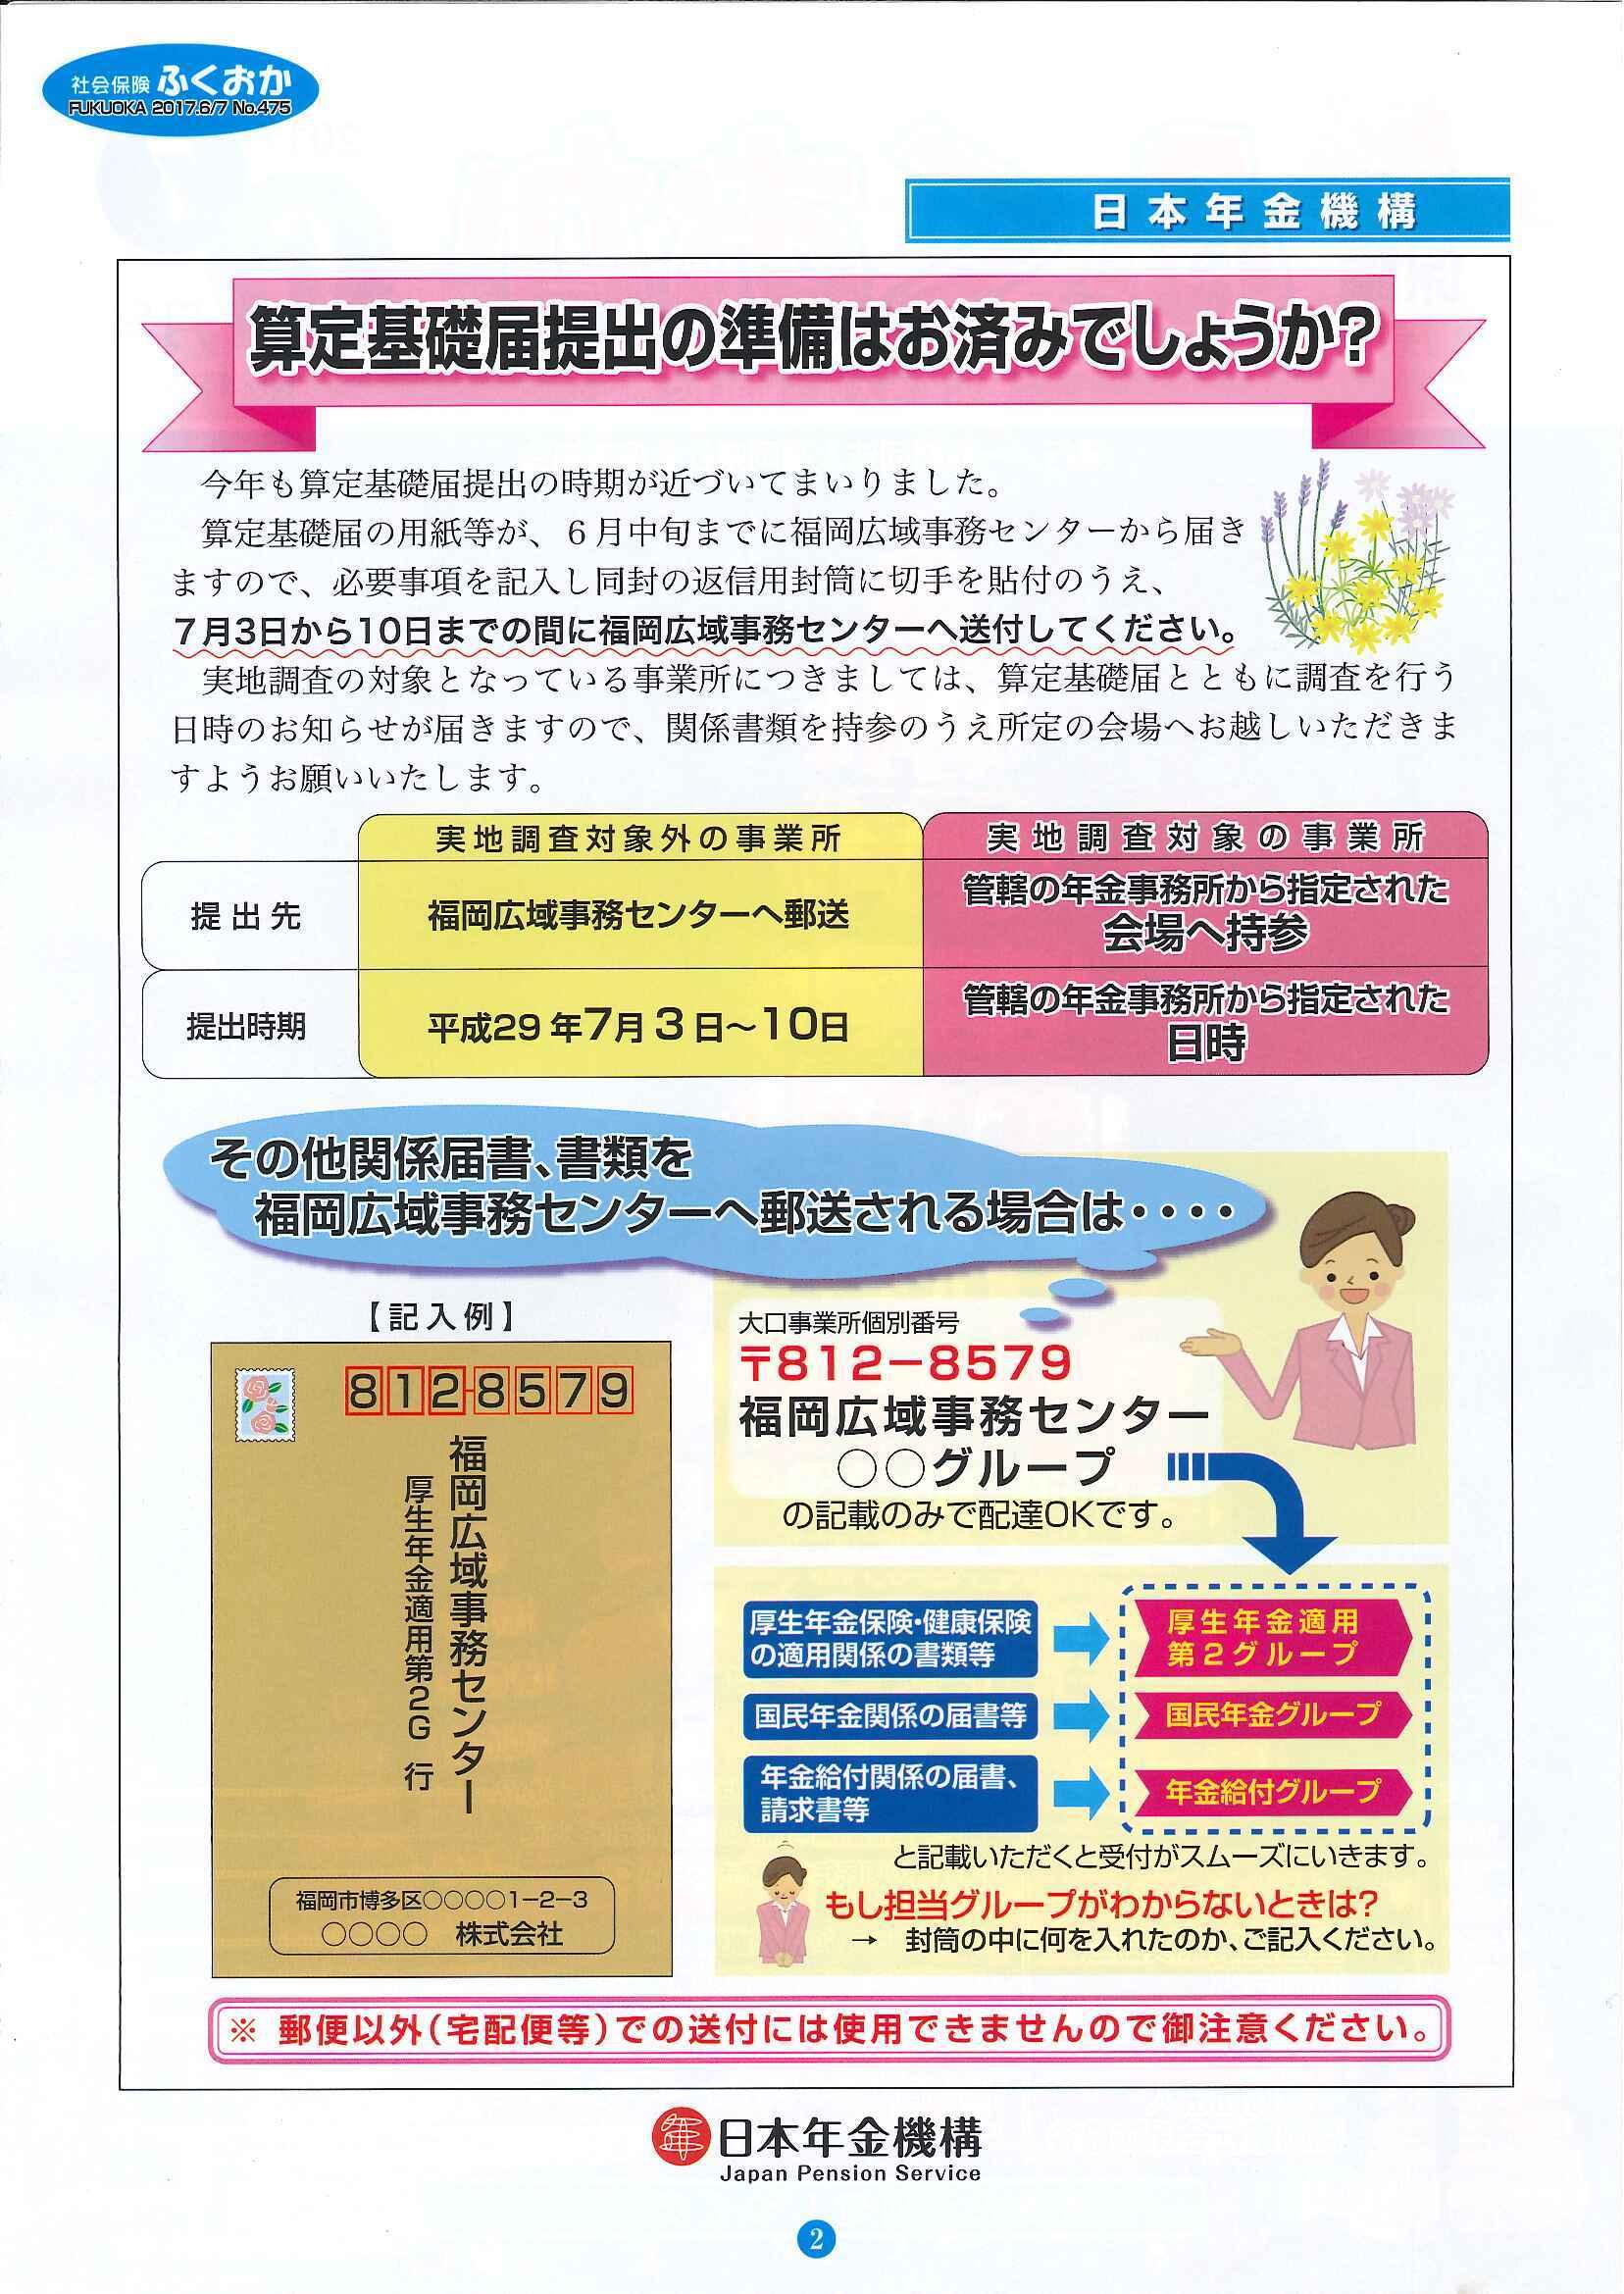 社会保険 ふくおか 2017年 6・7月号_f0120774_14594731.jpg